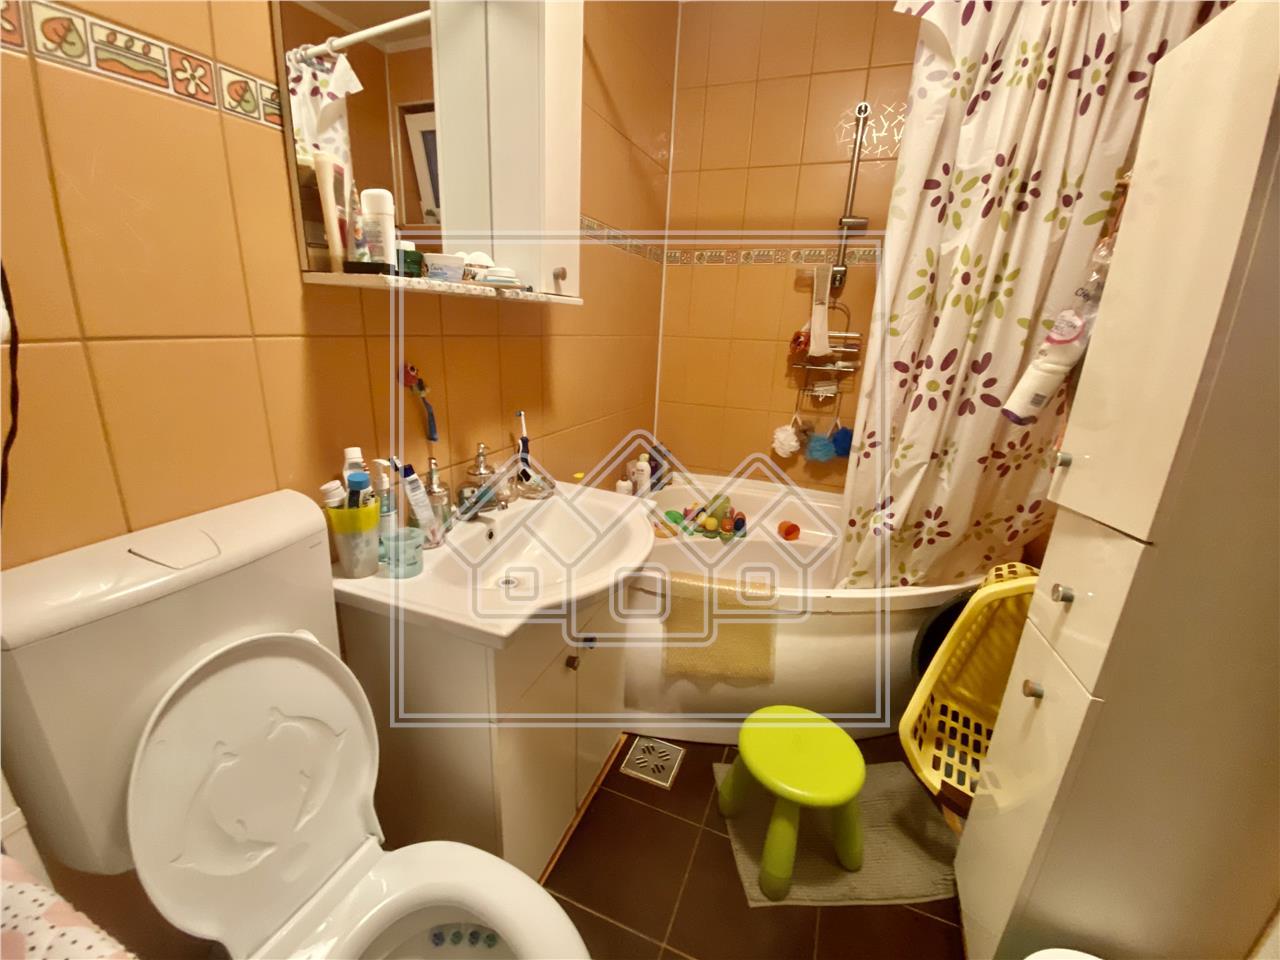 Apartament de vanzare in Sibiu cu 3 camere - Blv. Mihai Viteazu